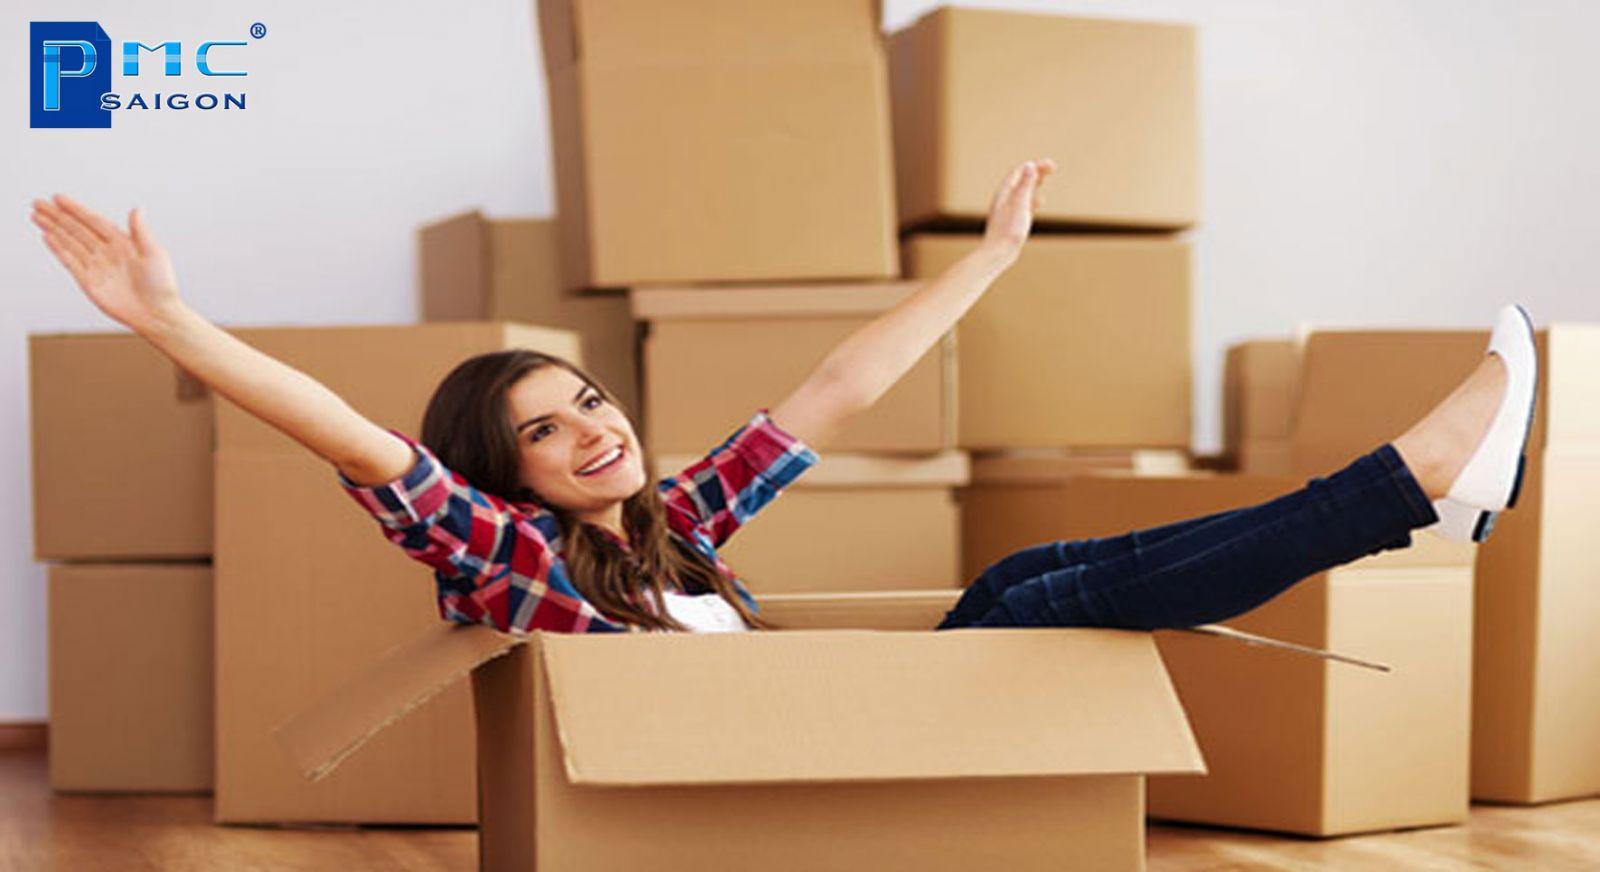 chuyển văn phòng trọn gói hoạt động như thế nào